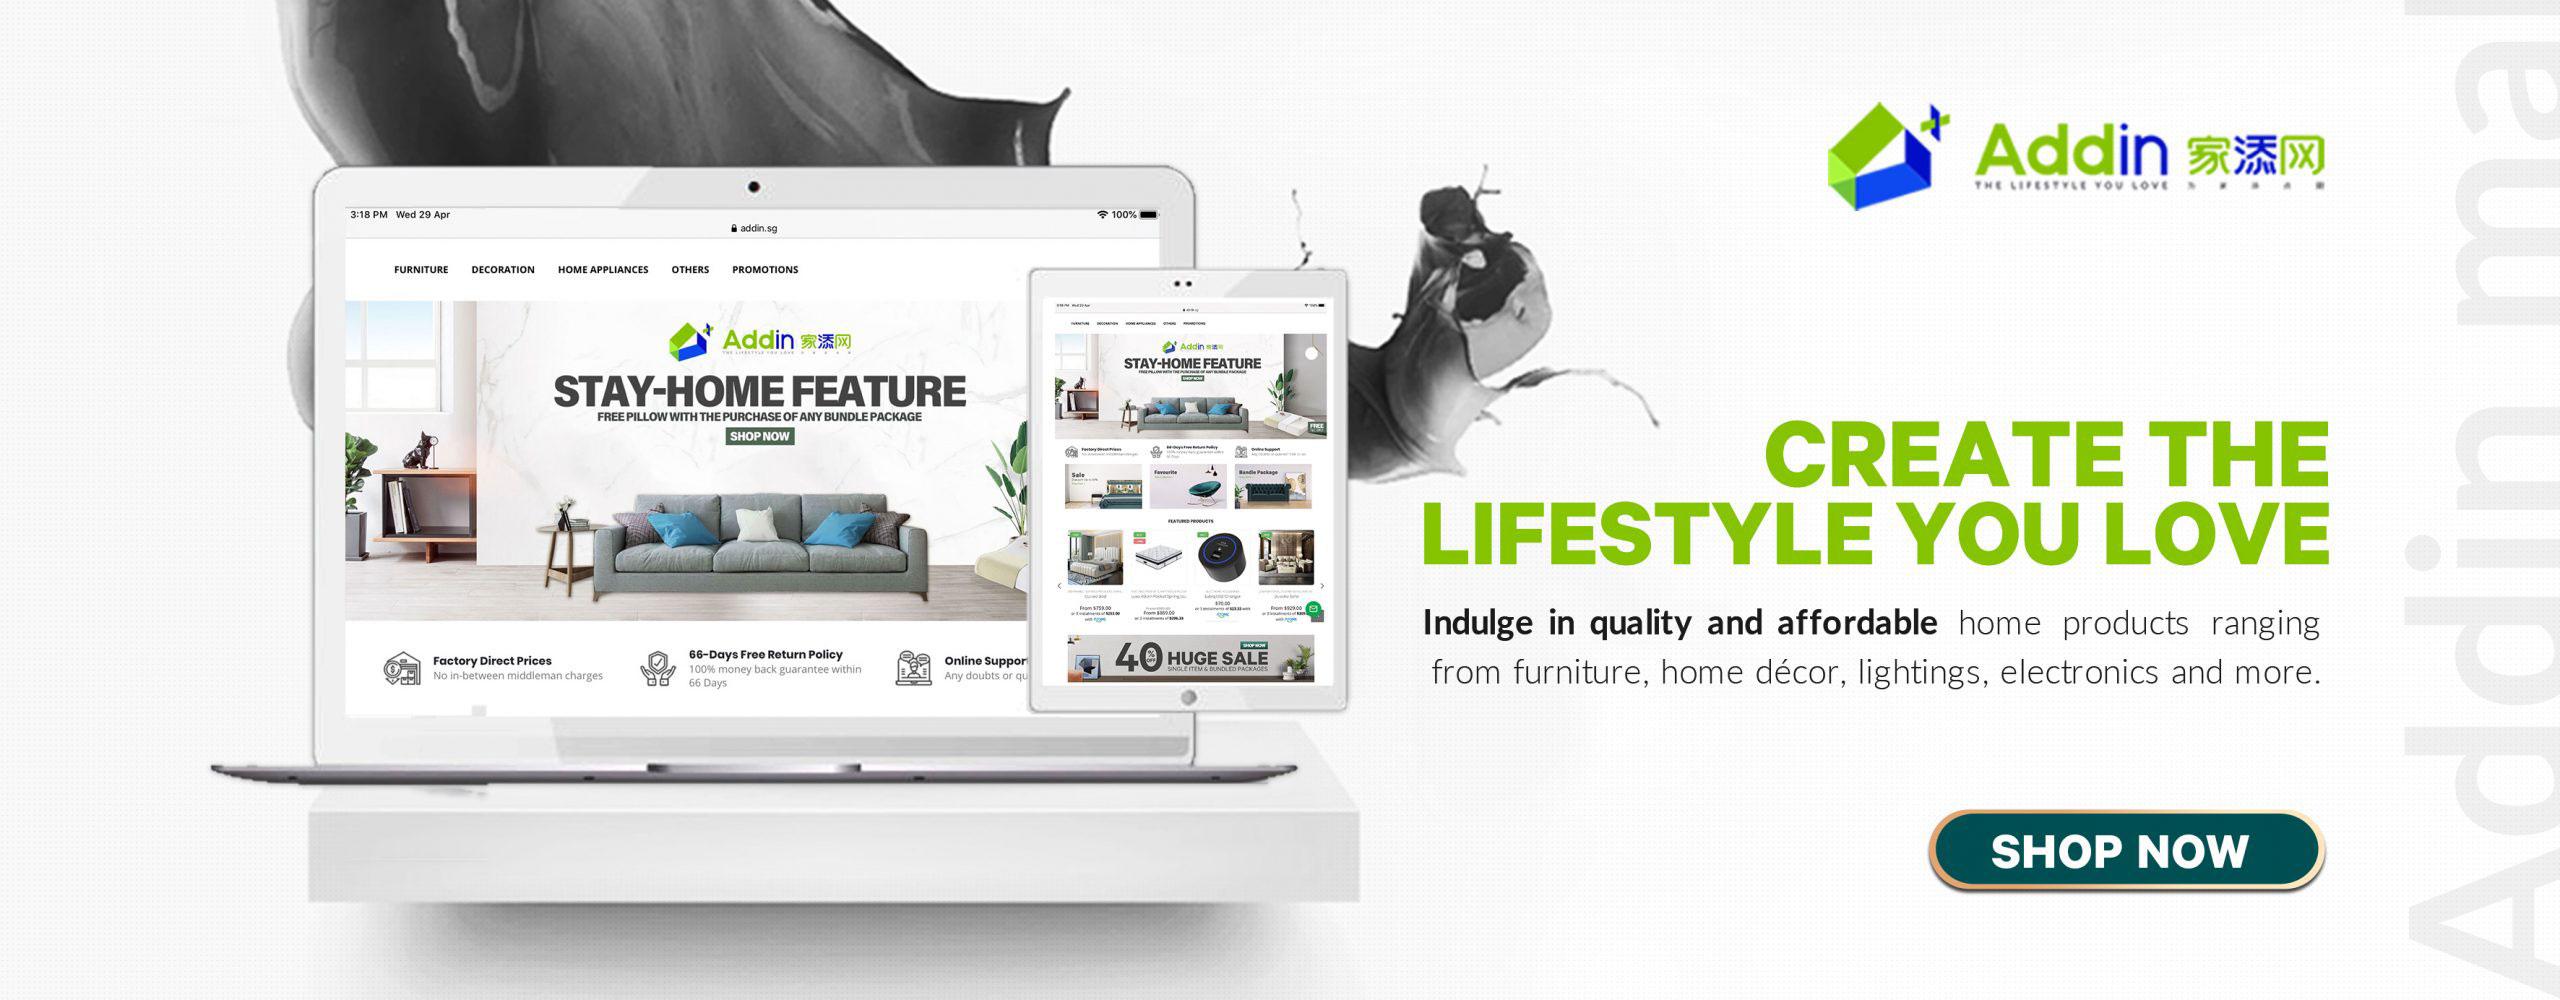 Addin 2 Website Banner